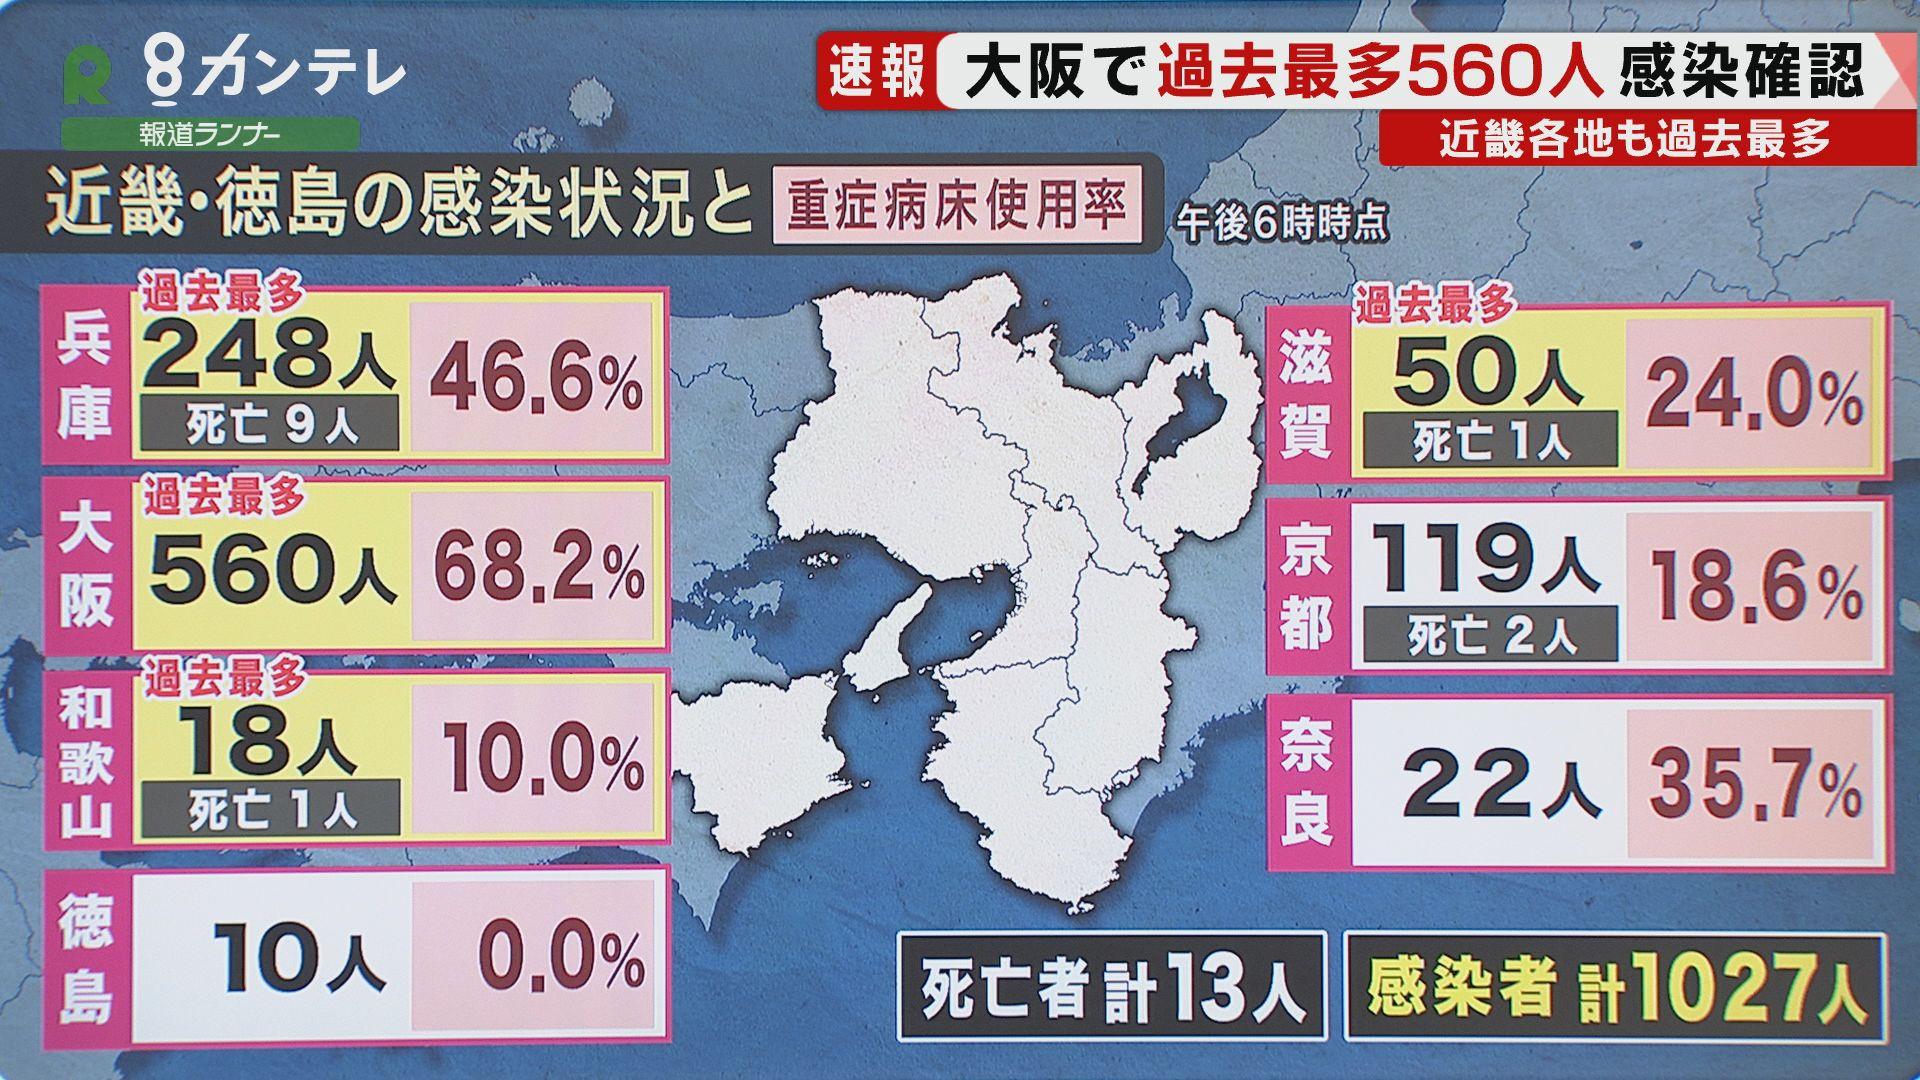 """大阪で過去最多の""""560人"""" 大阪府幹部「増加傾向にある」 兵庫・滋賀・和歌山でも過去最多"""